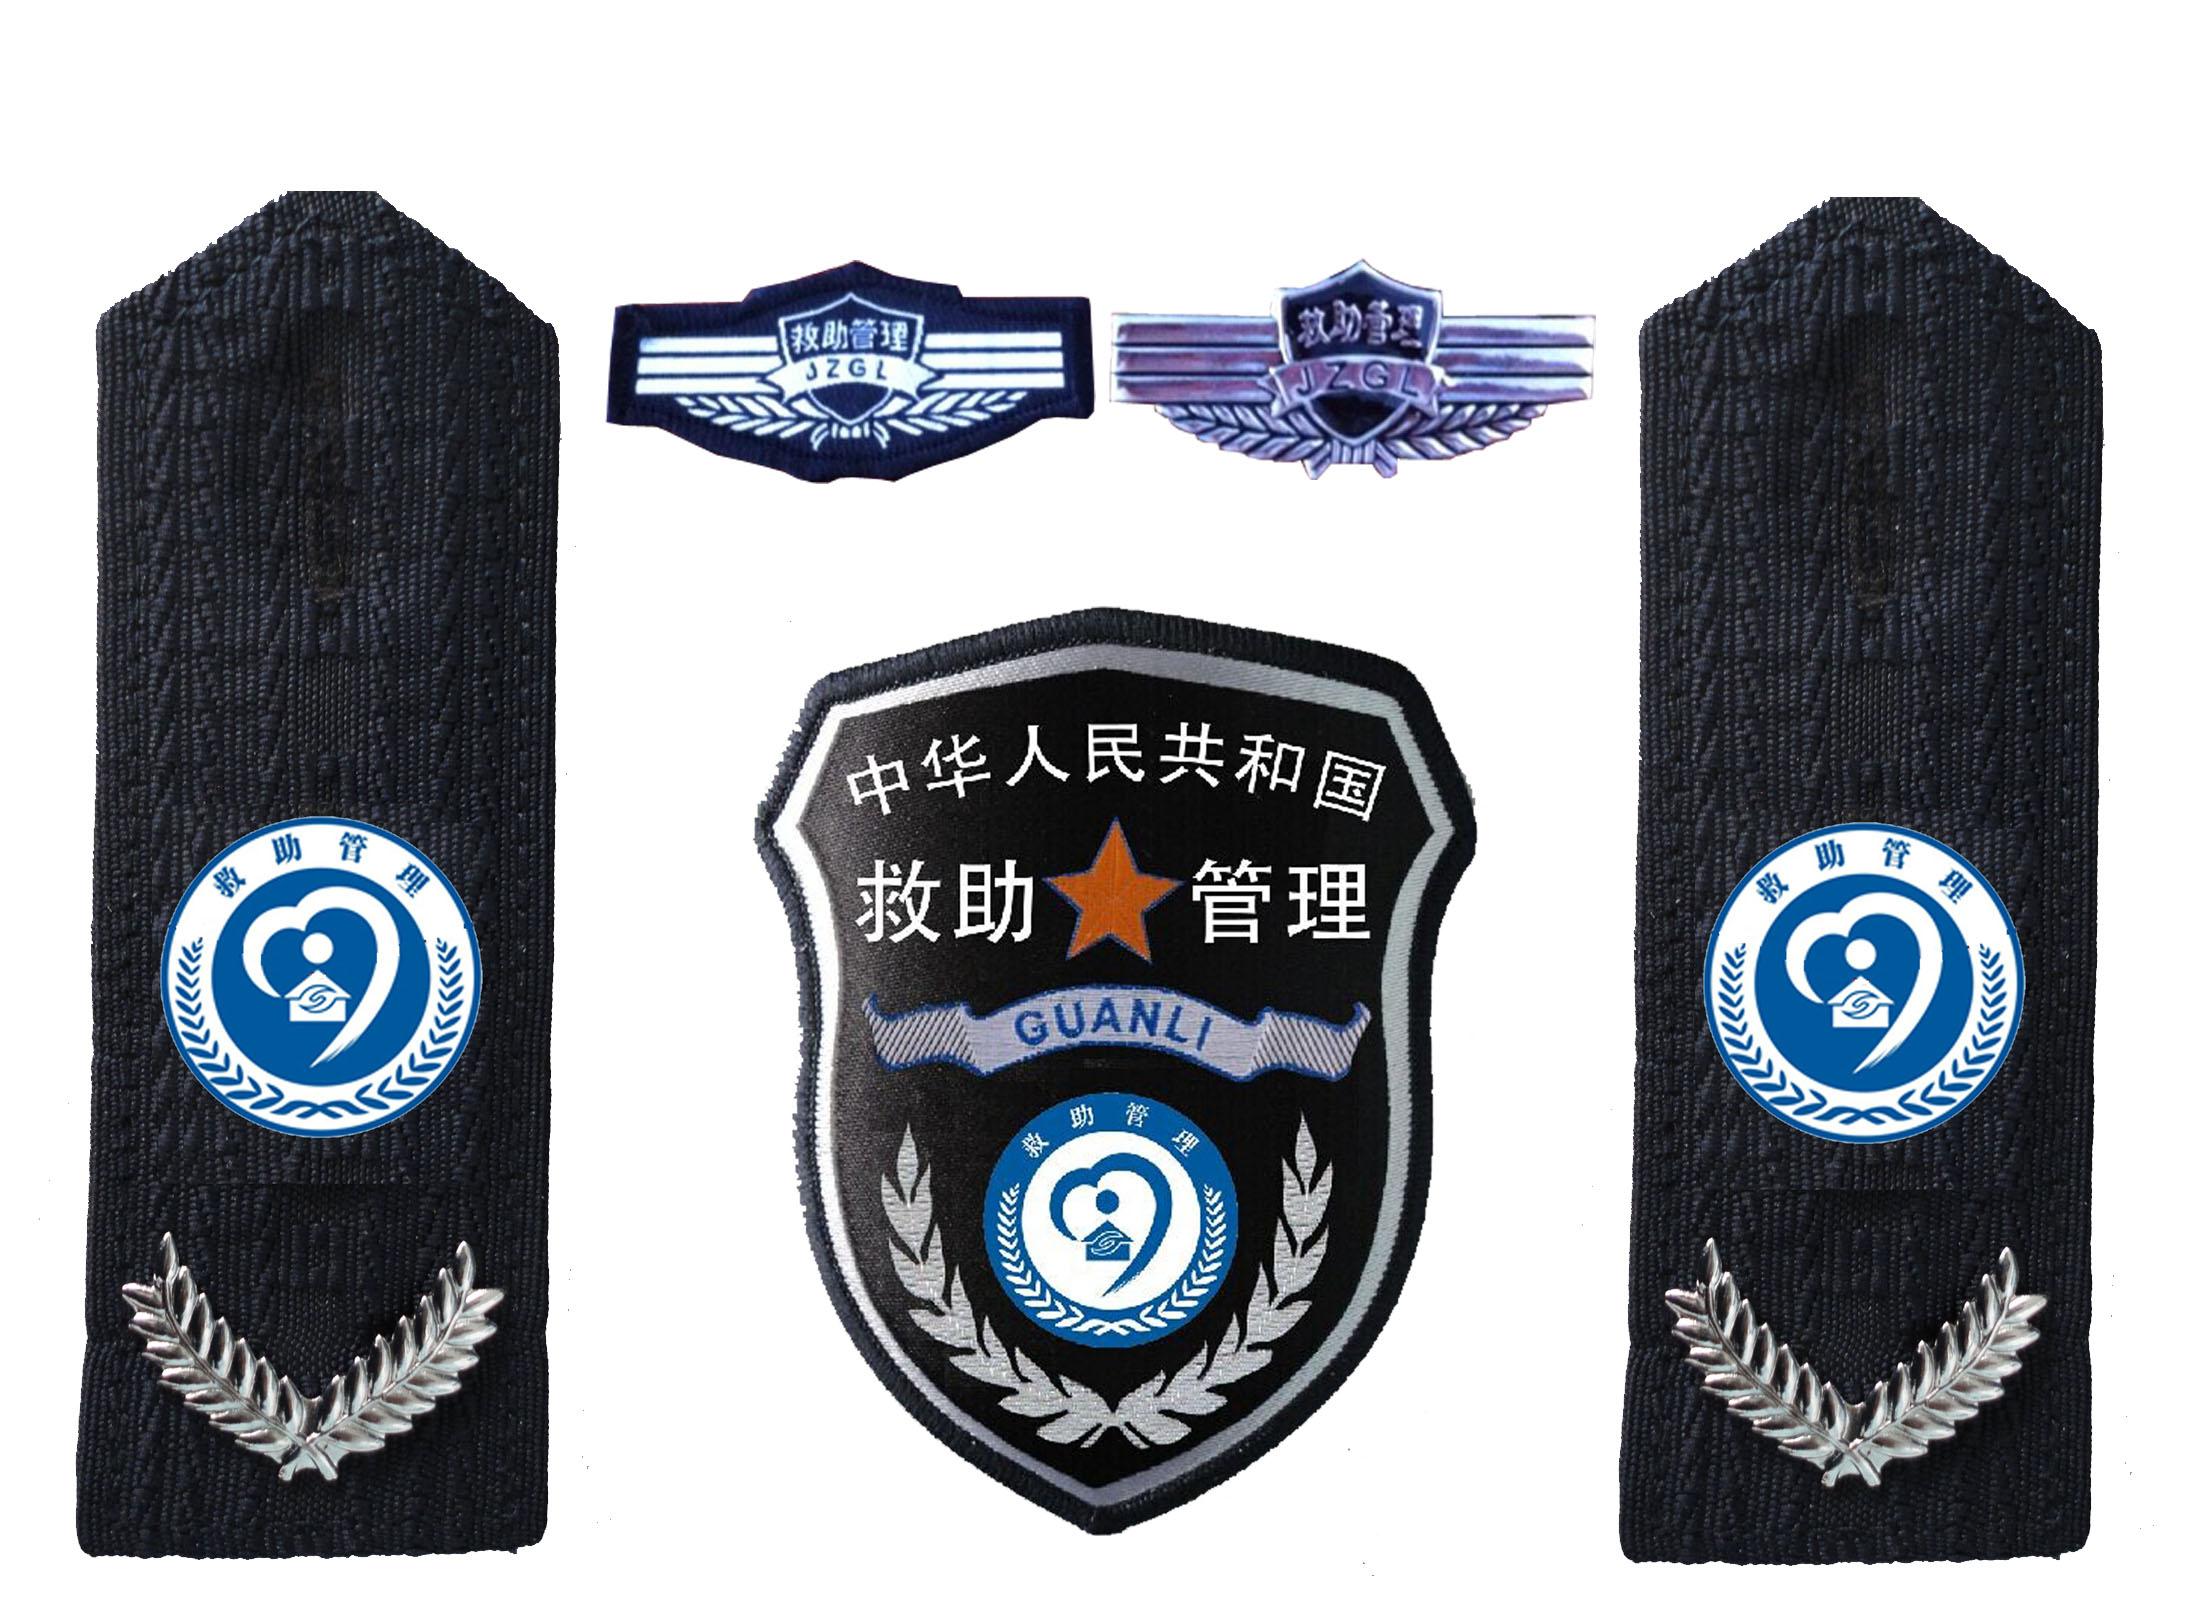 山东救助管理制服——有品质的救助管理制服推荐